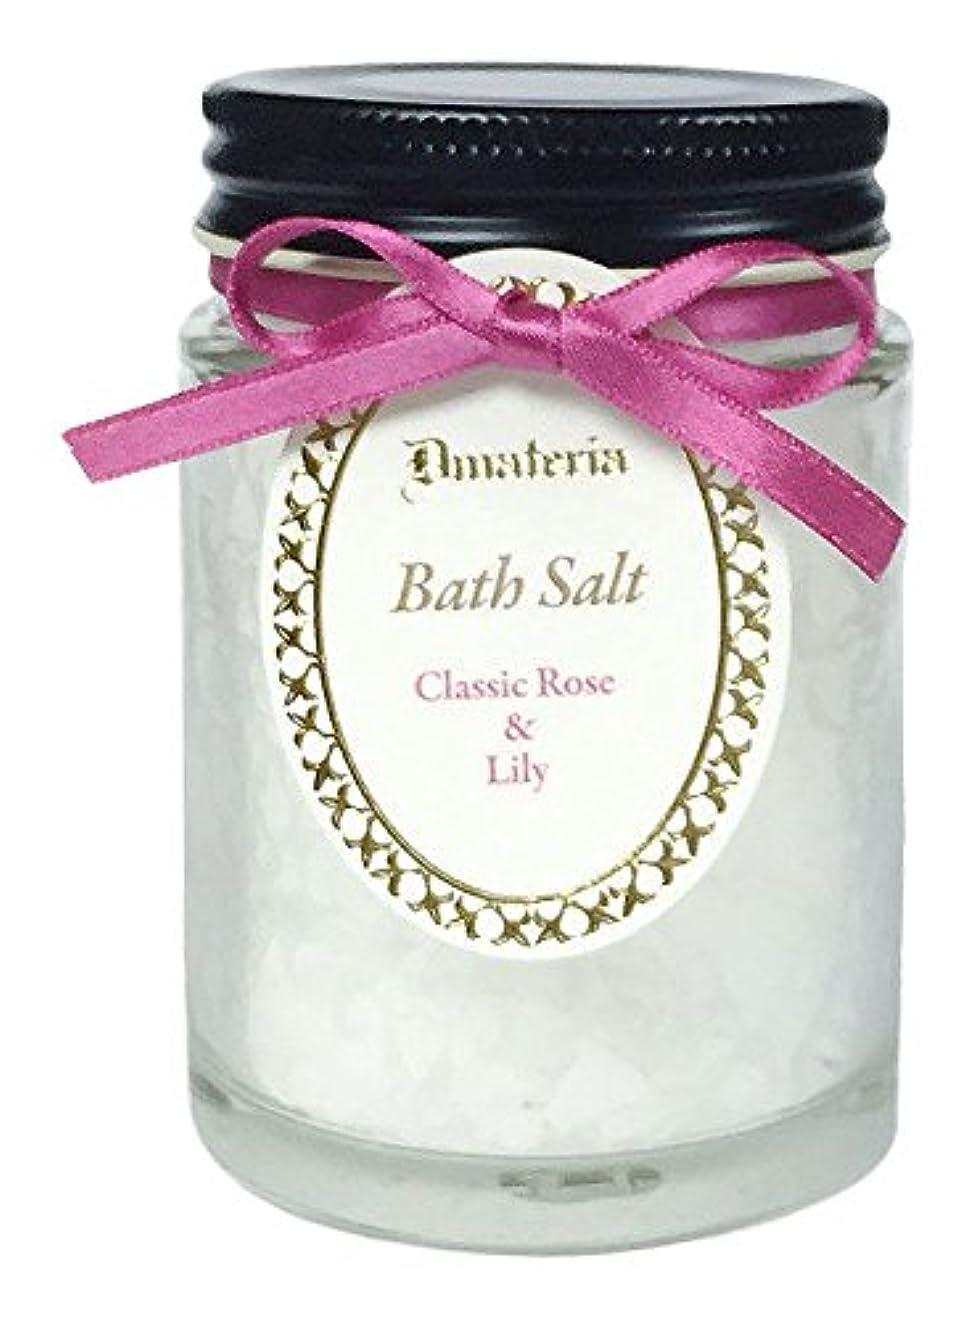 意図する洗剤無視するD materia バスソルト クラシックローズ&リリー Classic Rose&Lily Bath Salt ディーマテリア